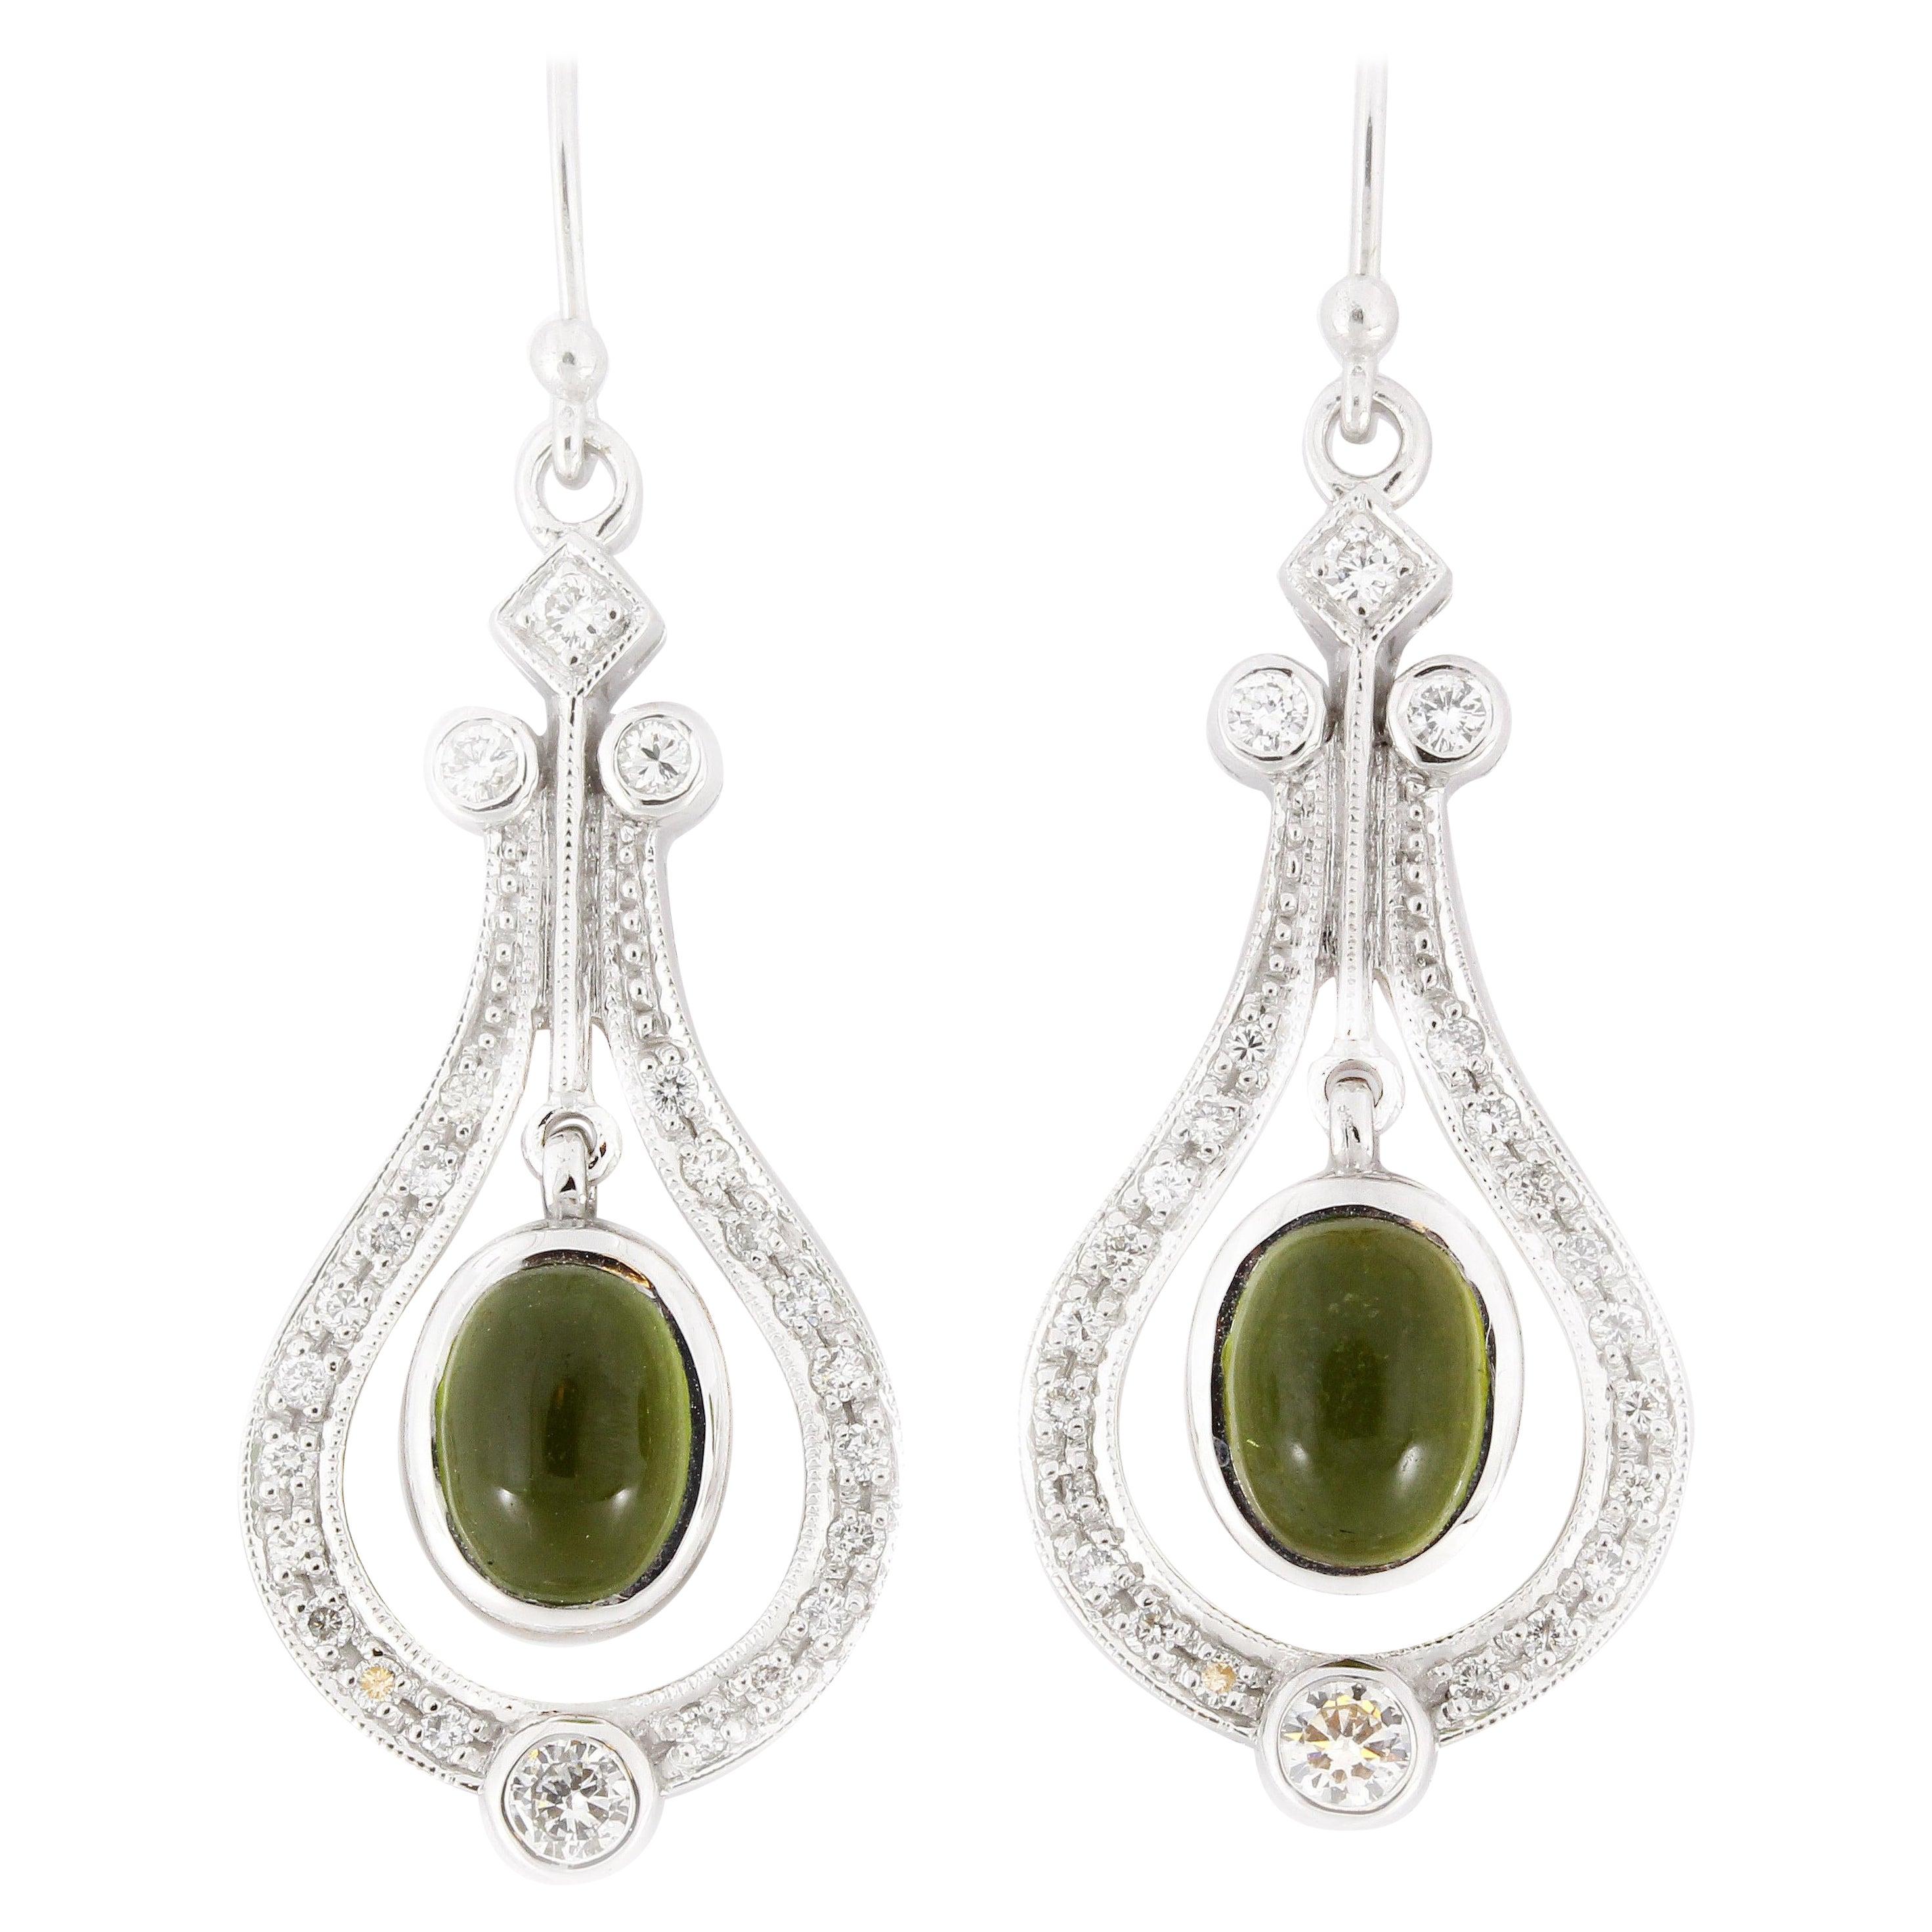 3.10 Carat Cabochon Peridot Diamond Drop Earrings